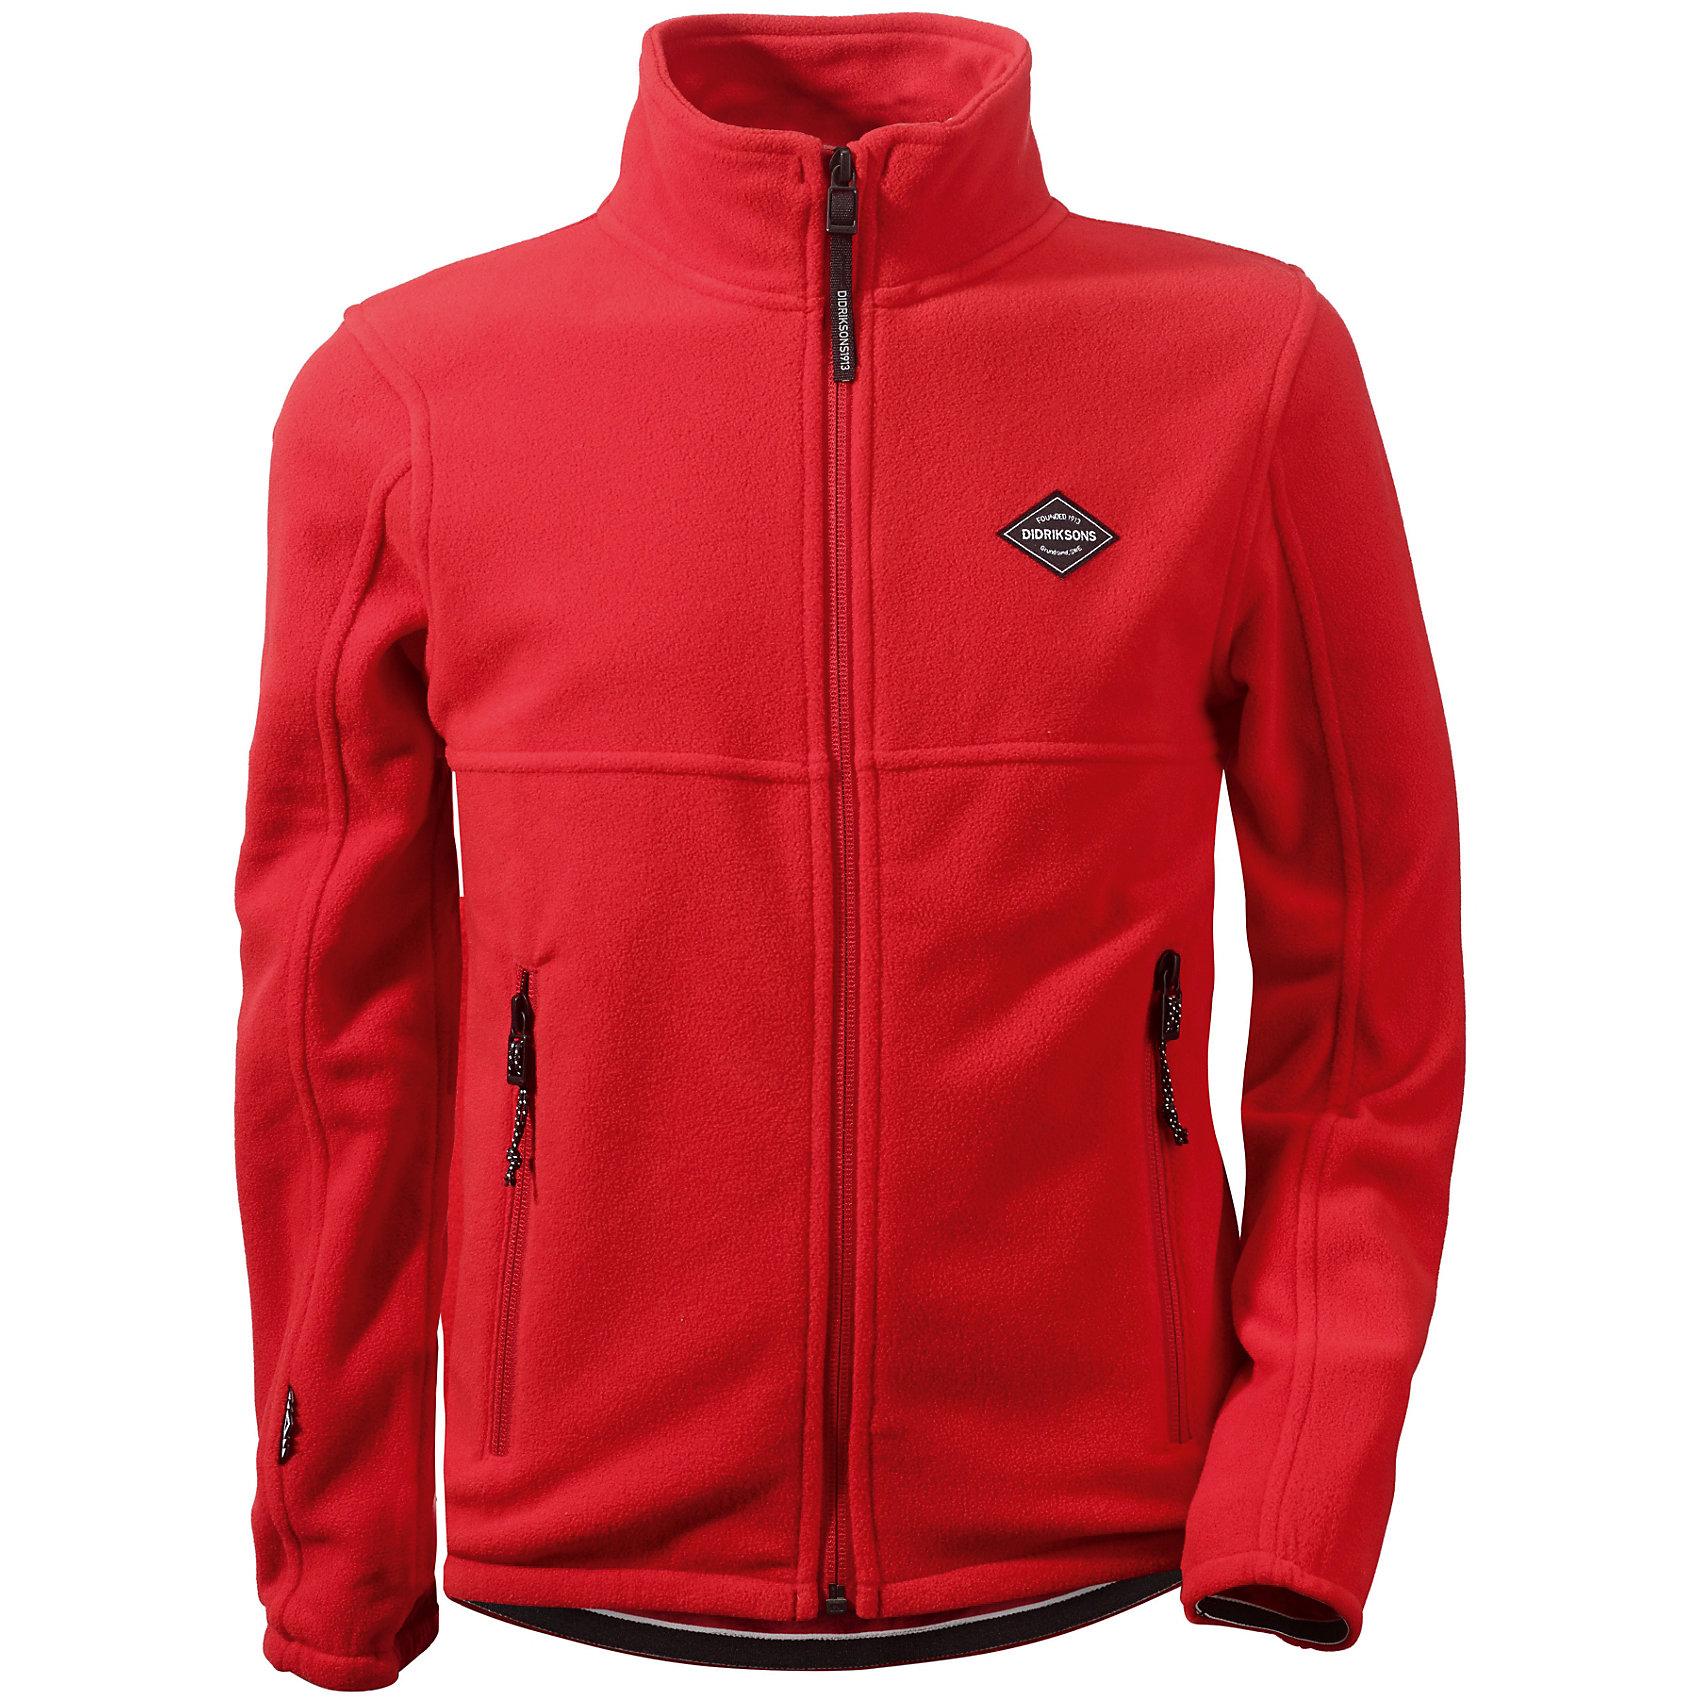 Куртка для мальчика DIDRIKSONSКуртка для мальчика от известного бренда DIDRIKSONS.<br><br>Кофта из тонкого флиса. Мягкий и комфортный флис обладает хорошими теплоизоляционными свойствами, которые сохраняются даже во влажном состоянии. Этот материал прост в уходе (допускается стирка в машине). Весной и летом эта модель будет работать как самостоятельная верхняя одежда, а в ненастную погоду ее можно использовать как утепляющий слой под водонепроницаемую верхнюю одежду.<br>Состав:<br>Полиэстер 100%<br><br>Ширина мм: 356<br>Глубина мм: 10<br>Высота мм: 245<br>Вес г: 519<br>Цвет: красный<br>Возраст от месяцев: 168<br>Возраст до месяцев: 180<br>Пол: Мужской<br>Возраст: Детский<br>Размер: 170,130,140,150,160<br>SKU: 5044018